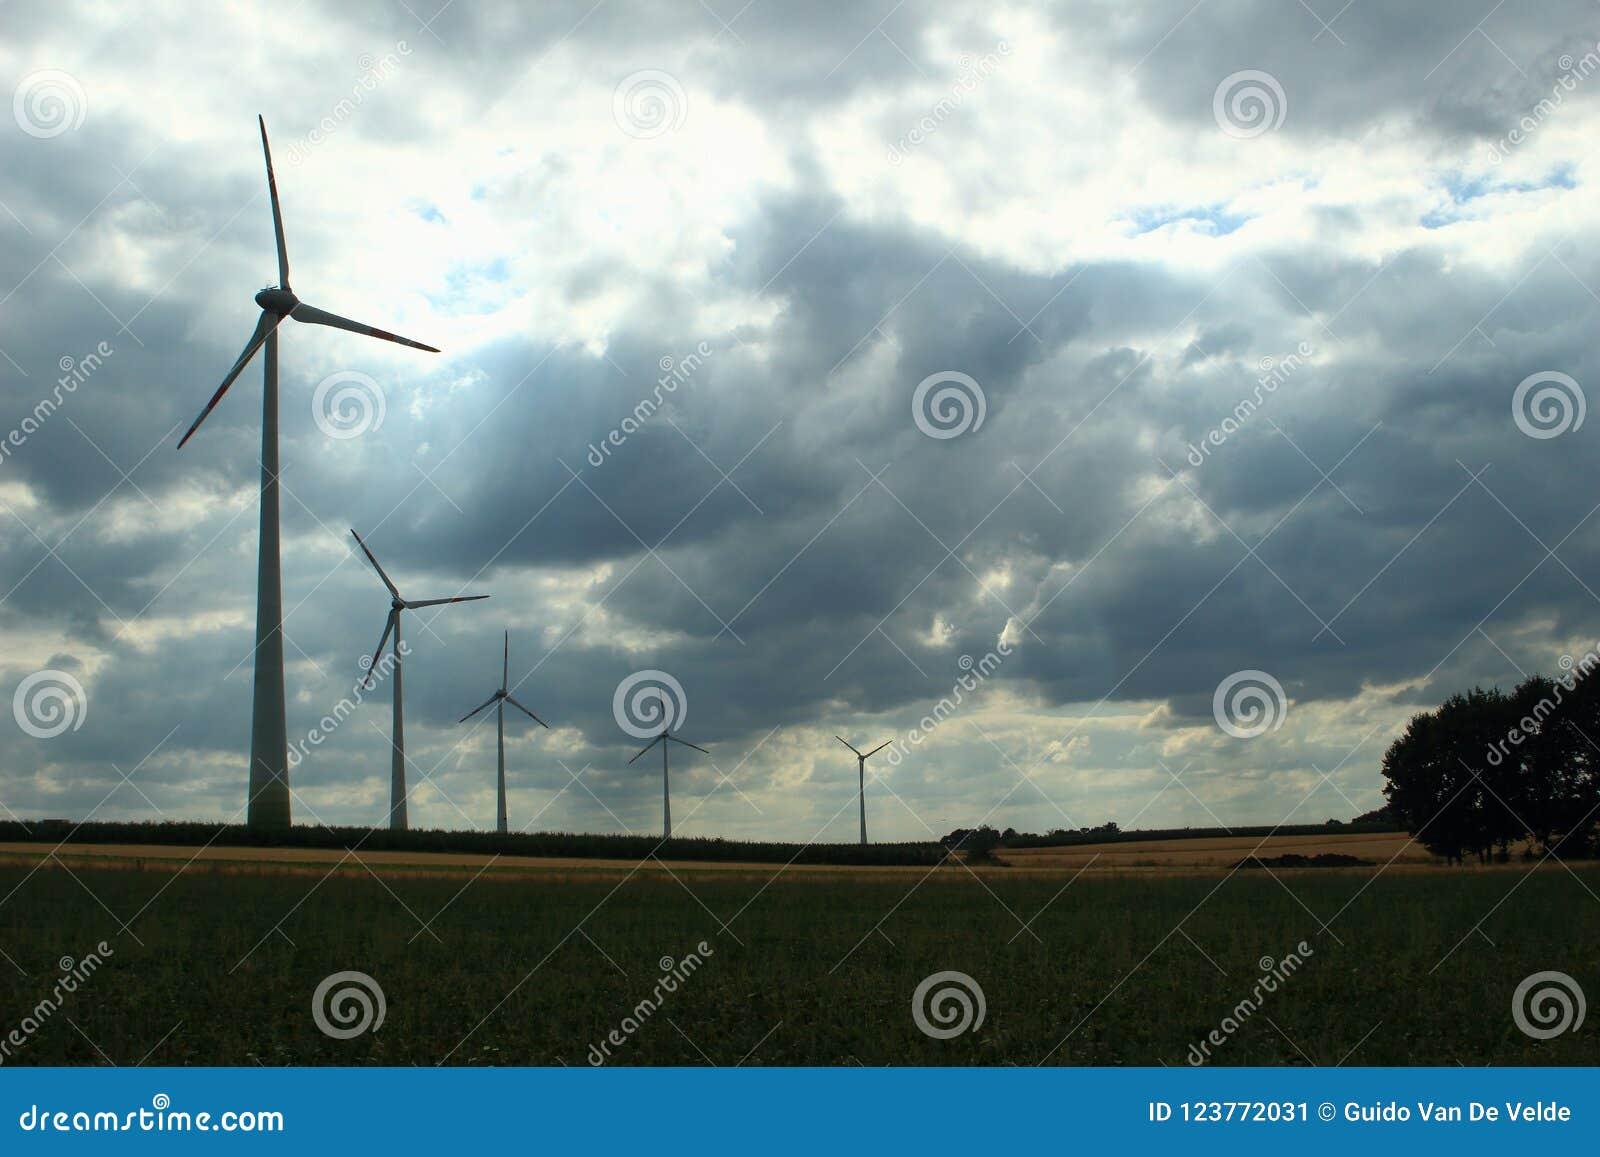 Turbines de vent dans un ciel opacifié